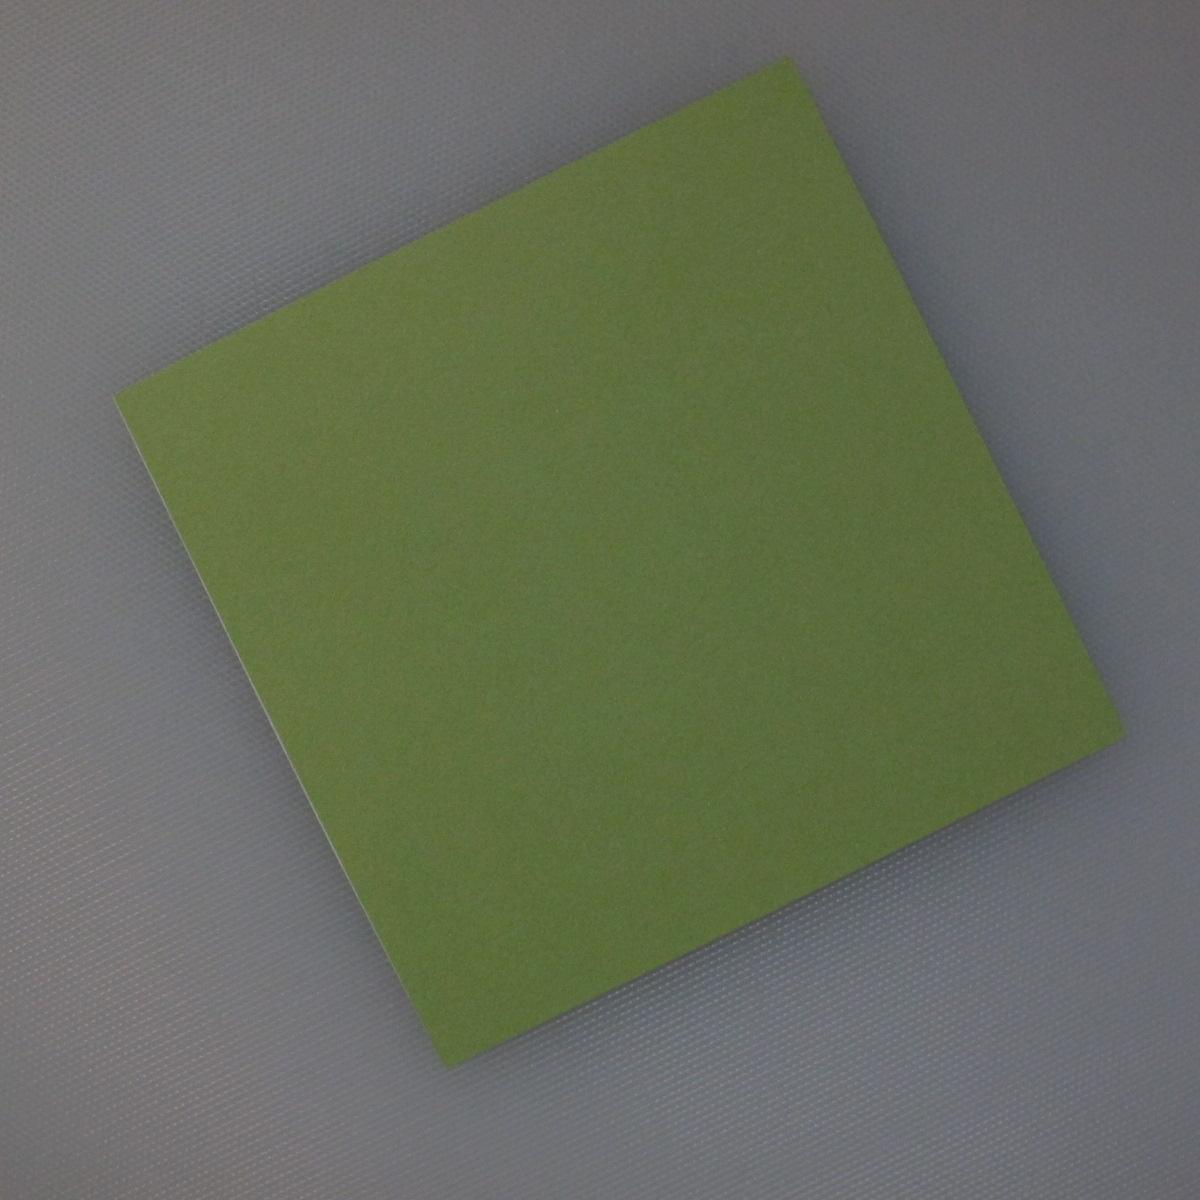 วิธีพับกระดาษเป็นดอกทิวลิป 020